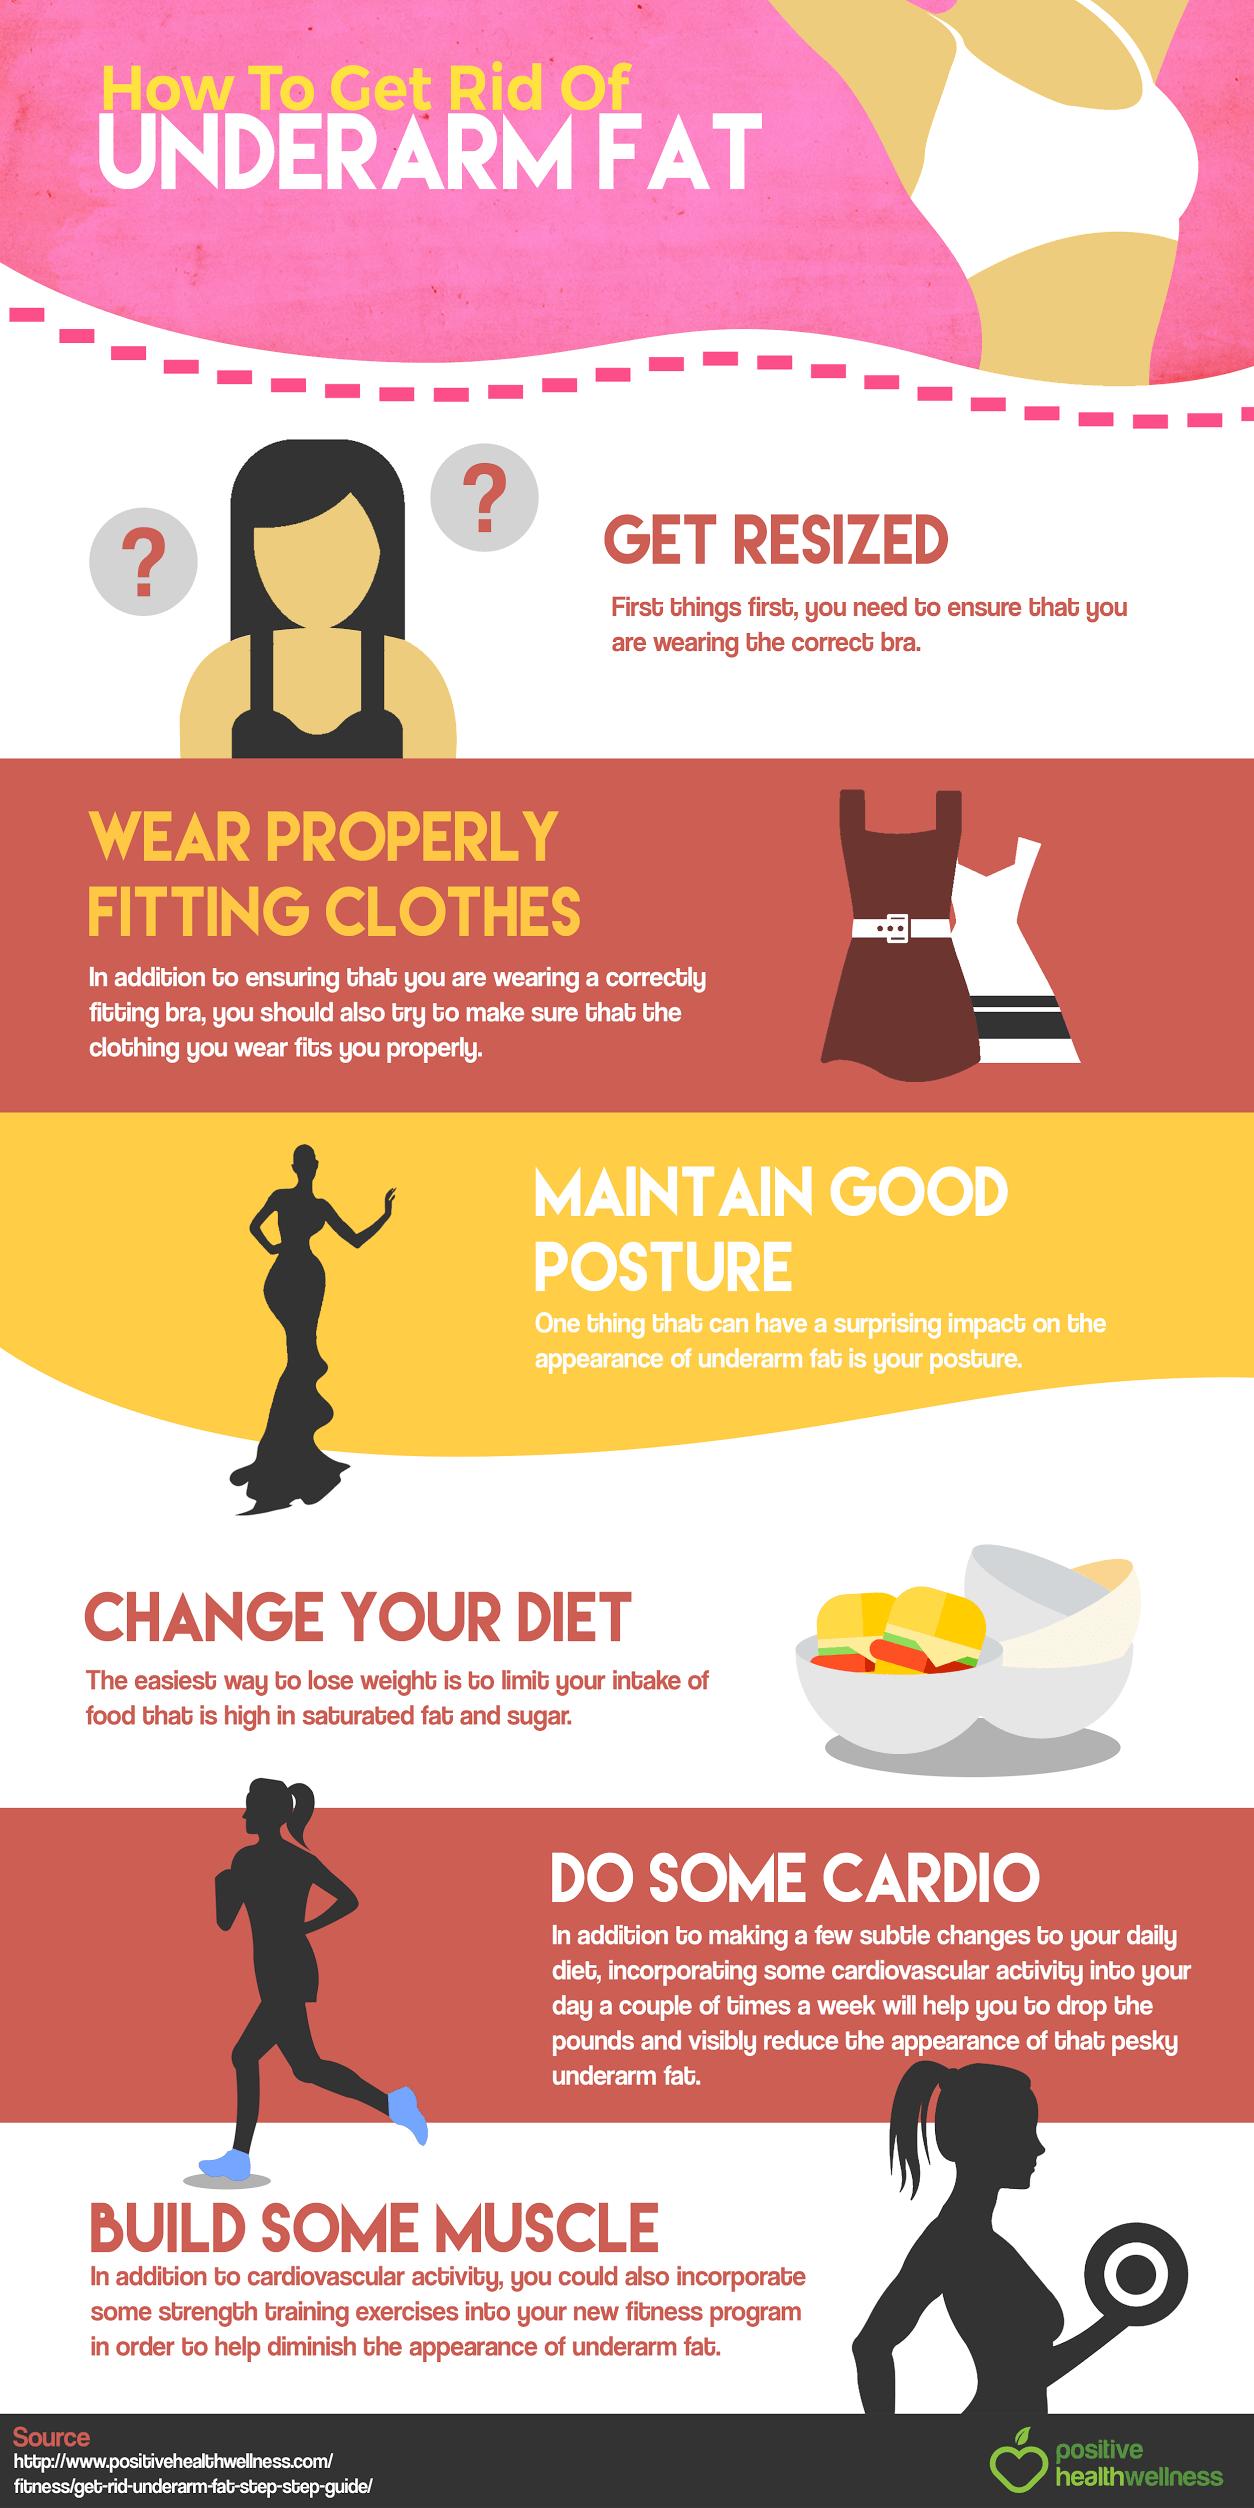 How Do I Lose Underarm Fat